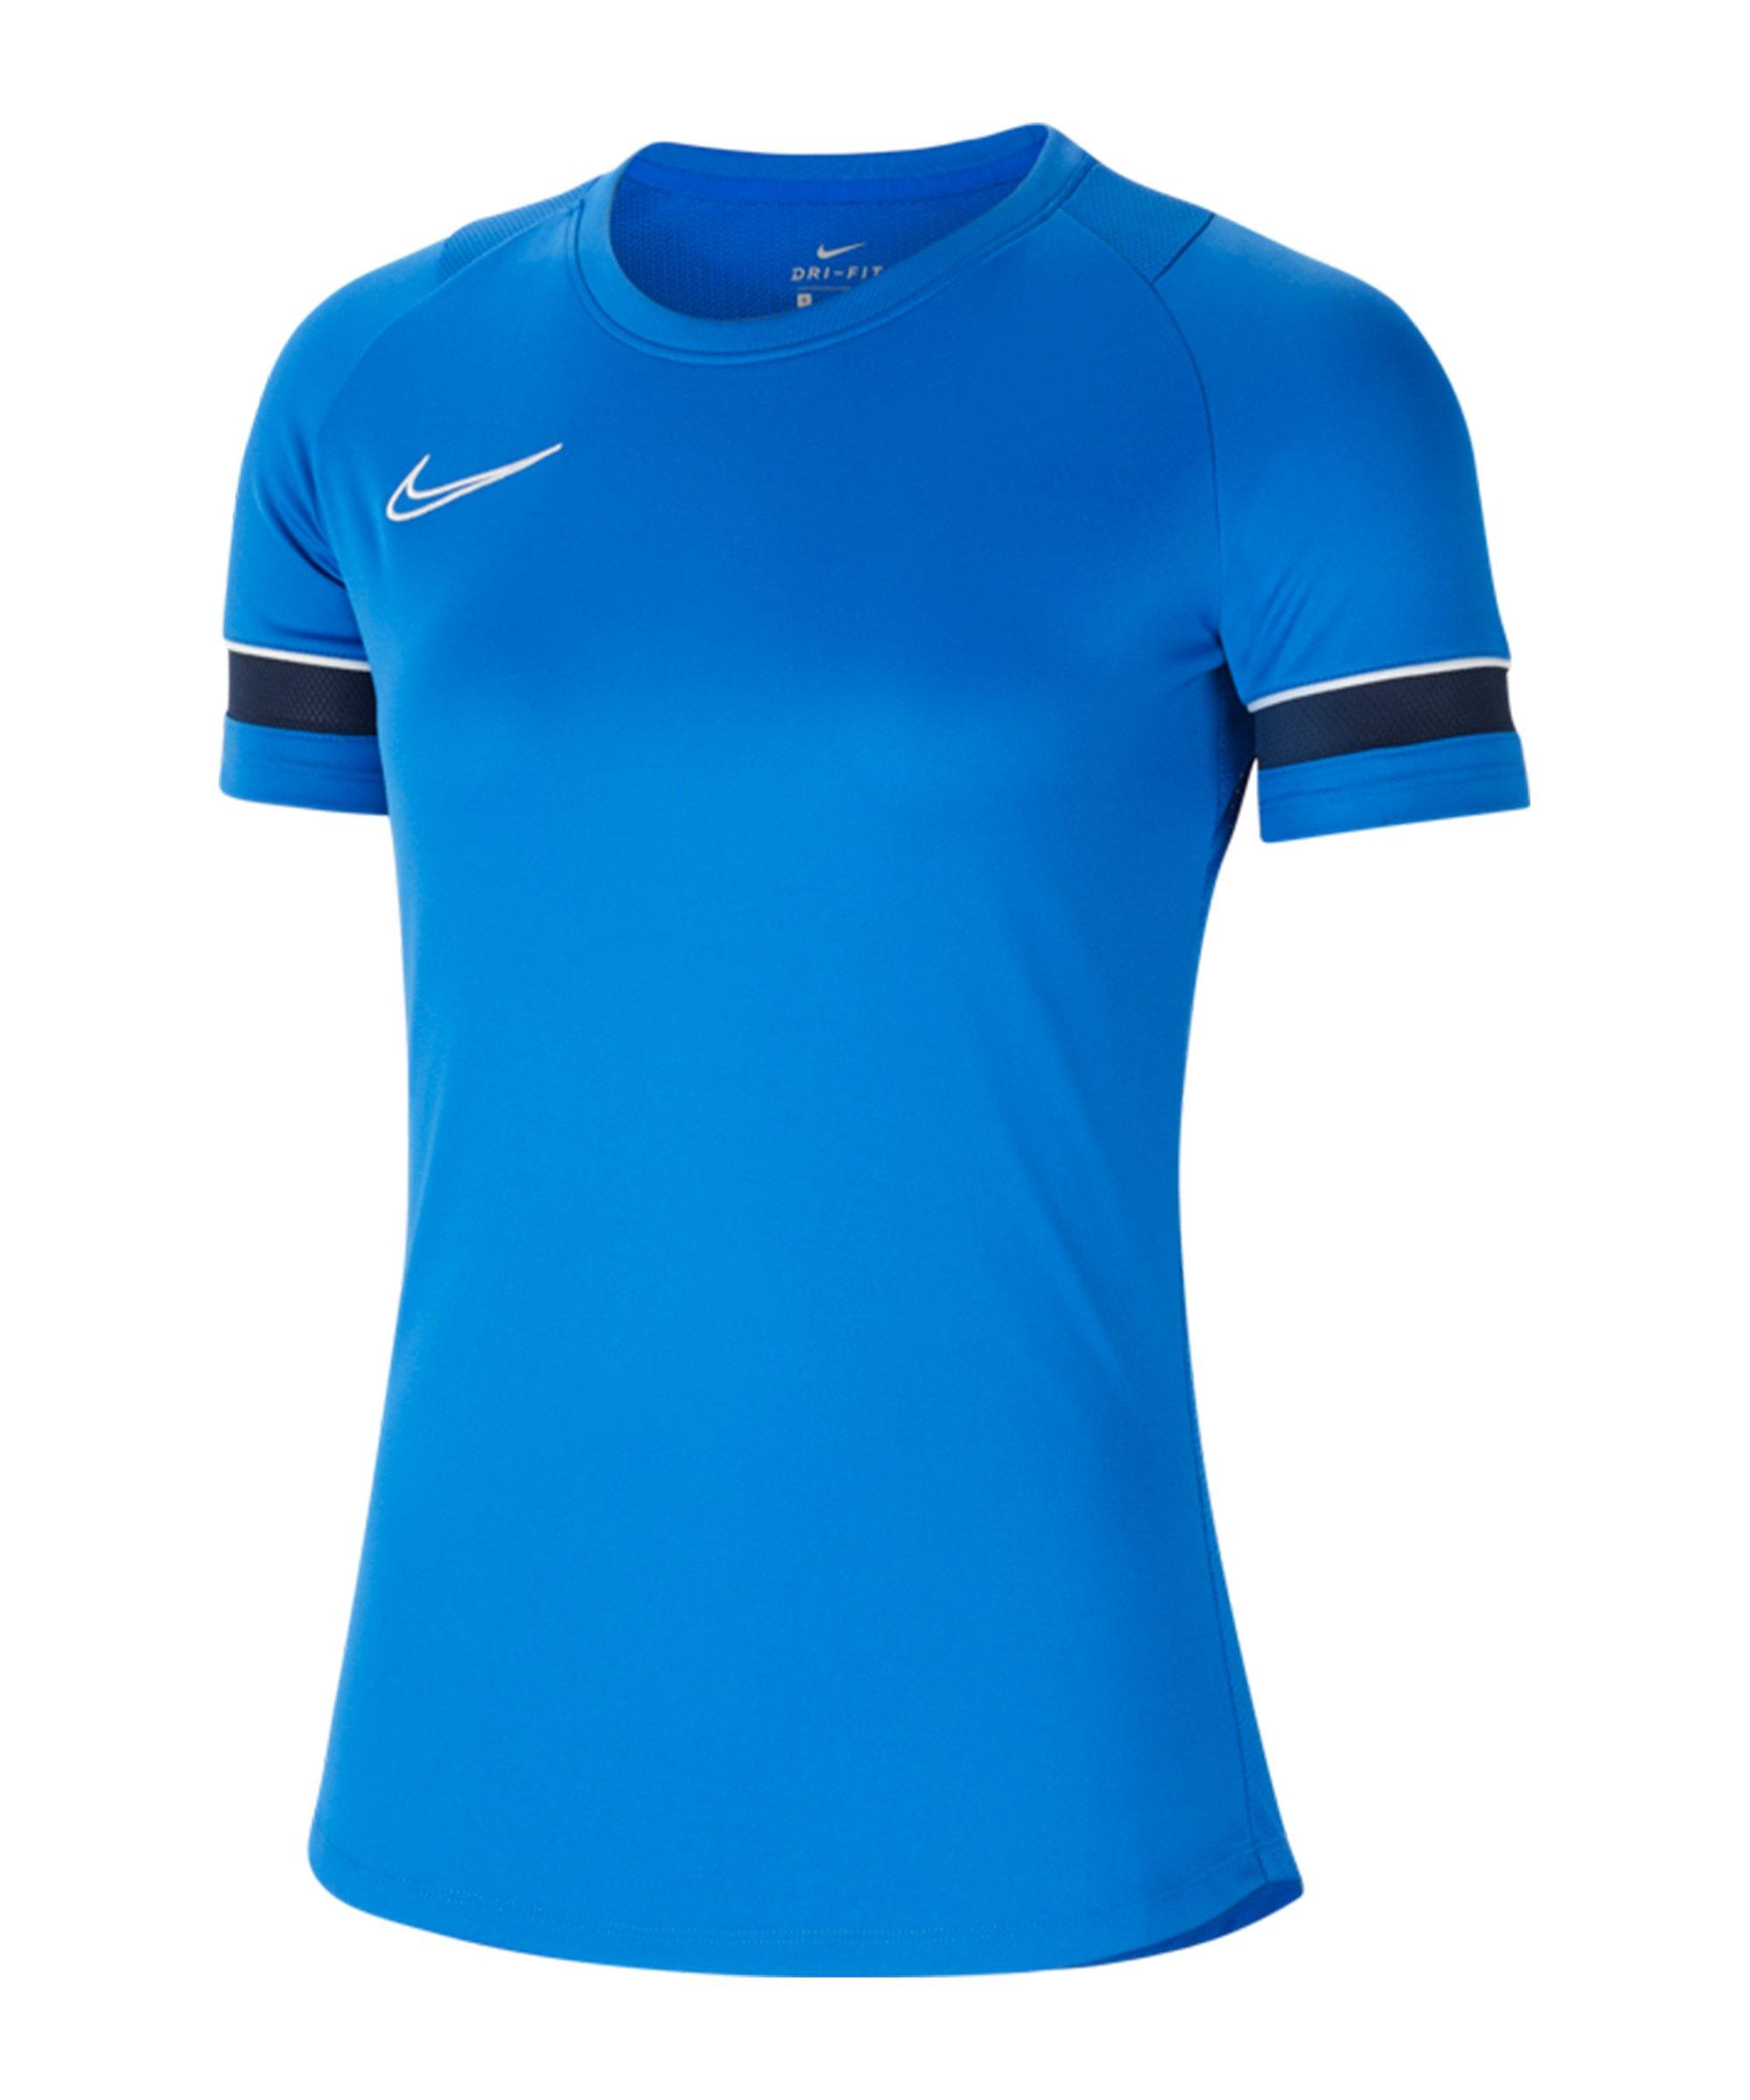 Nike Academy 21 T-Shirt Damen Blau F463 - blau